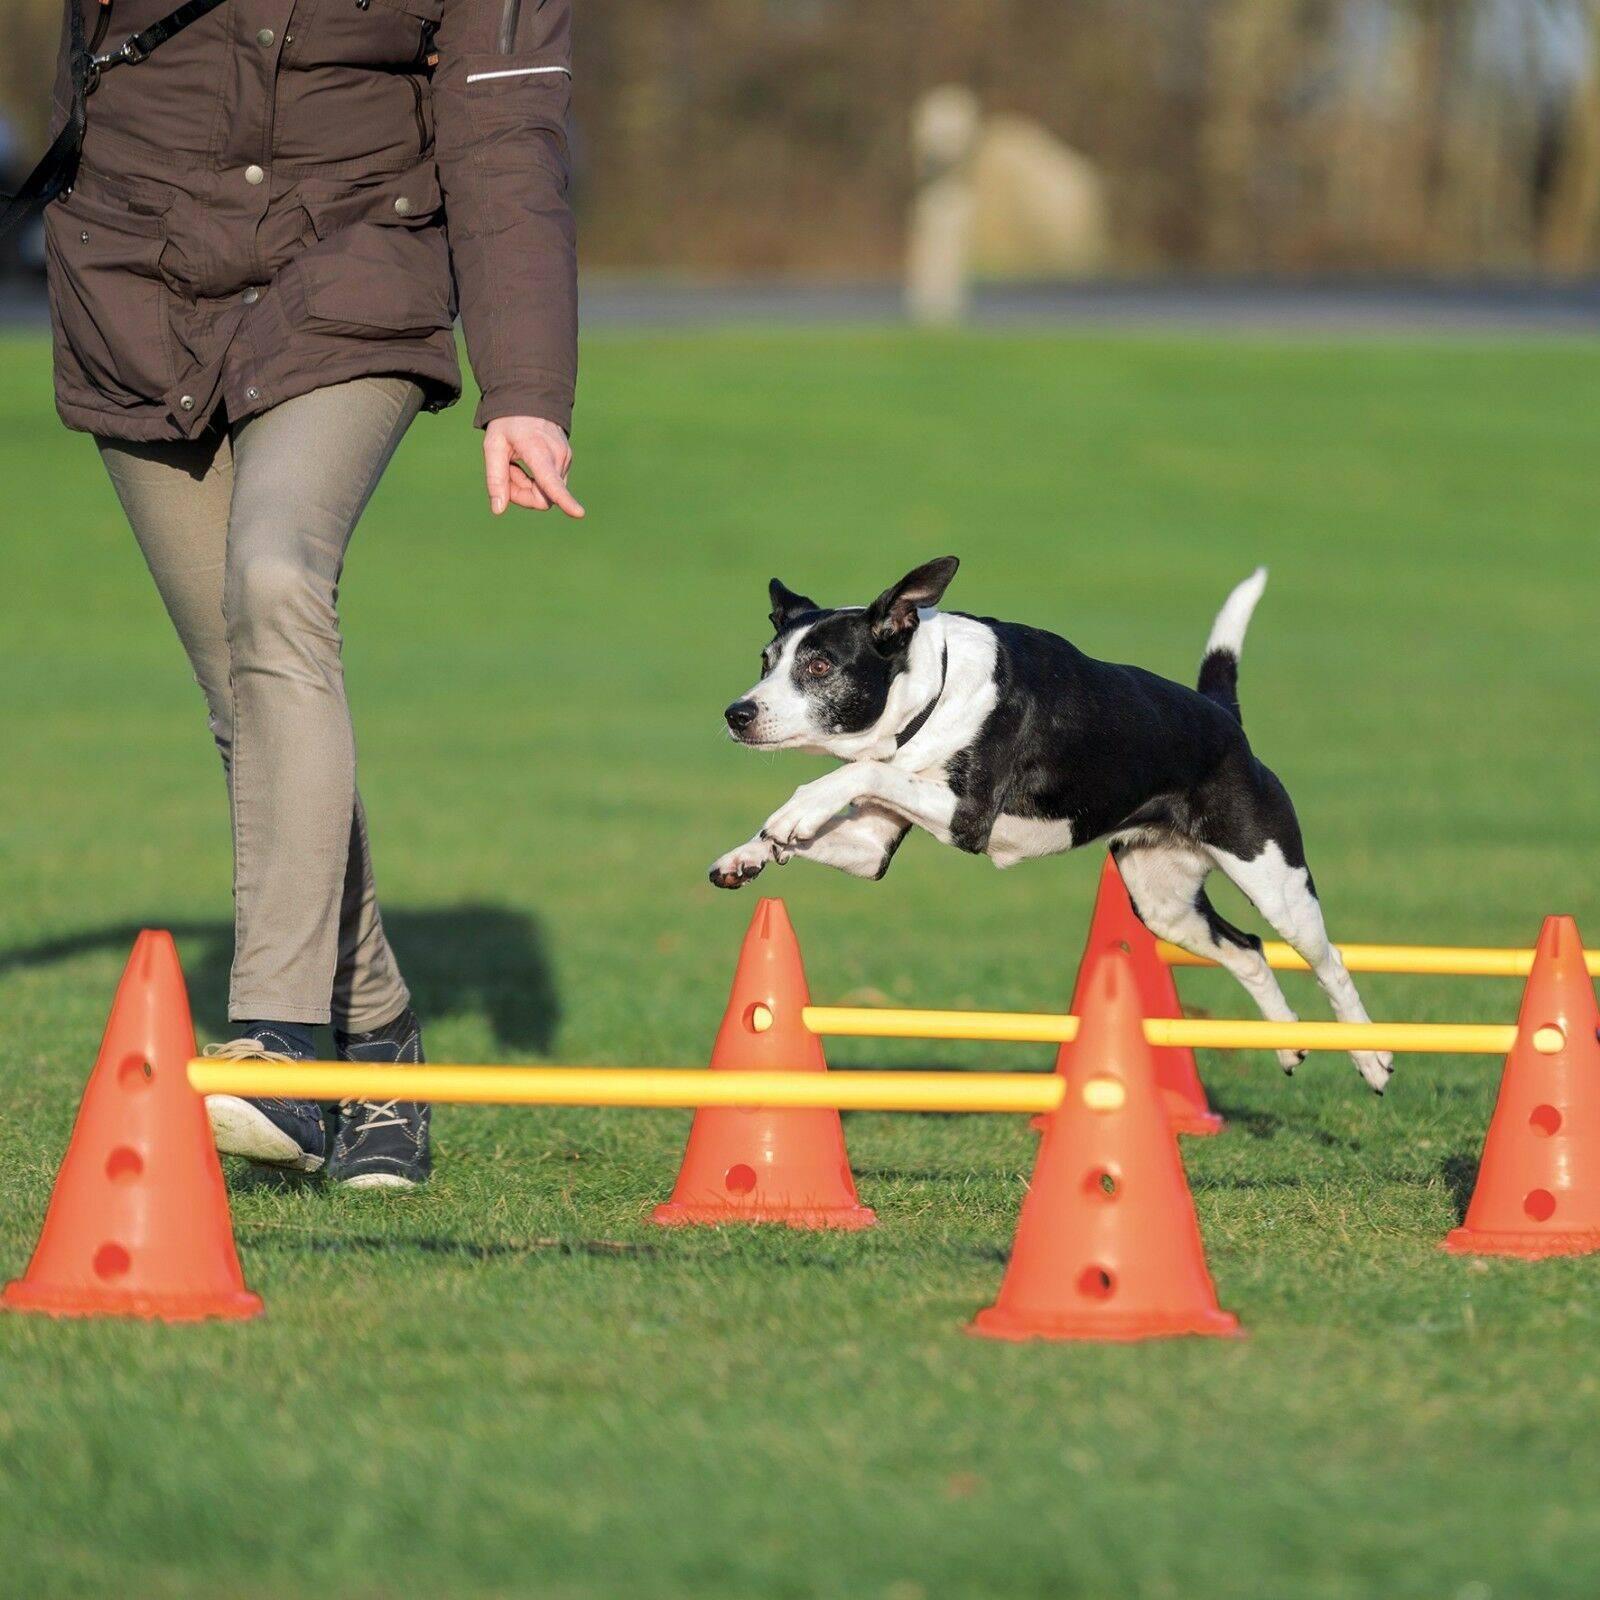 Аджилити для собак что это - спорт для собак: правила, соревнования и видео